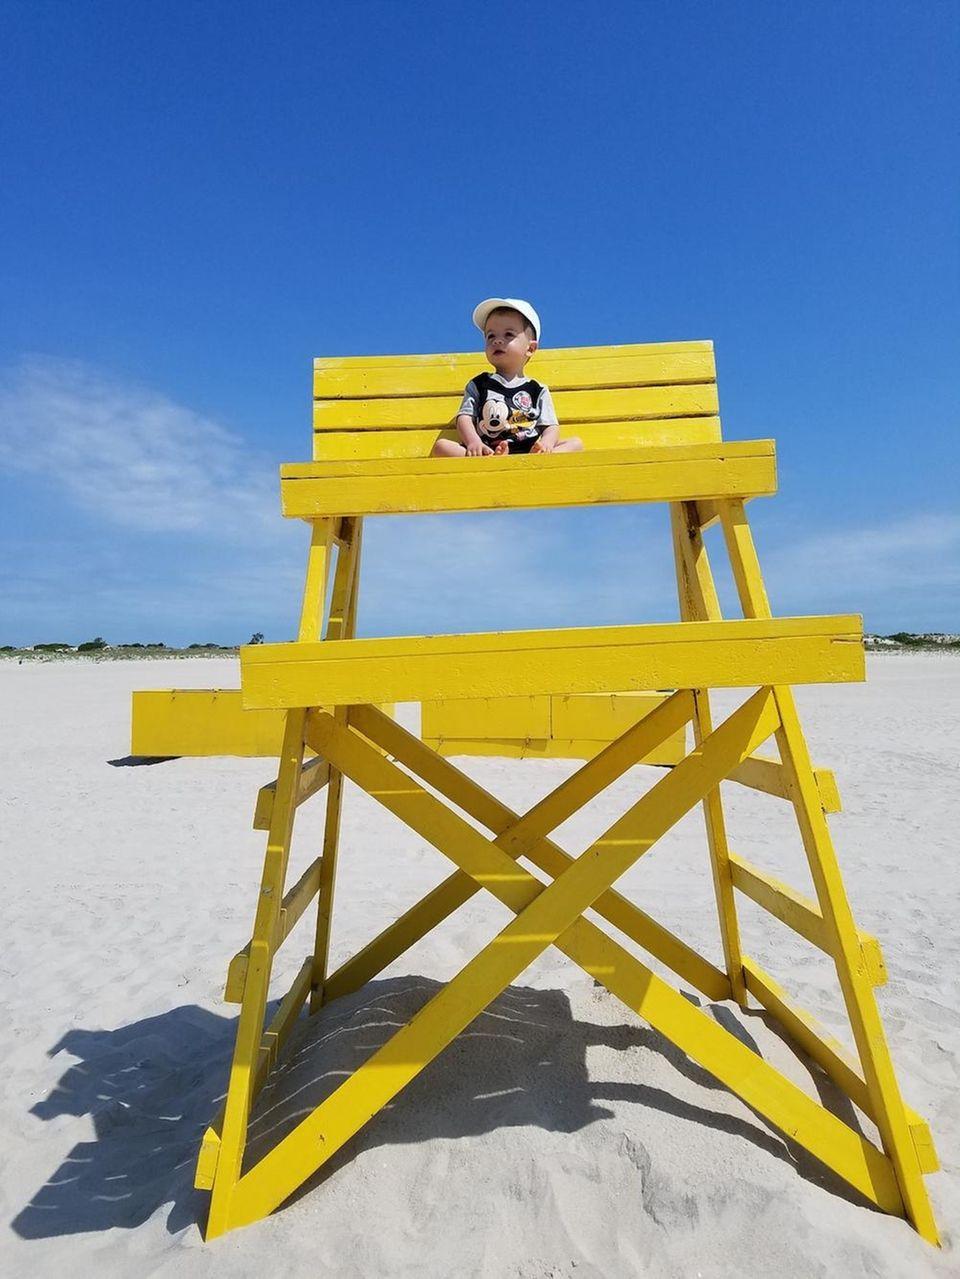 Nathan lifeguarding at Nickerson Beach June 15th 2017.